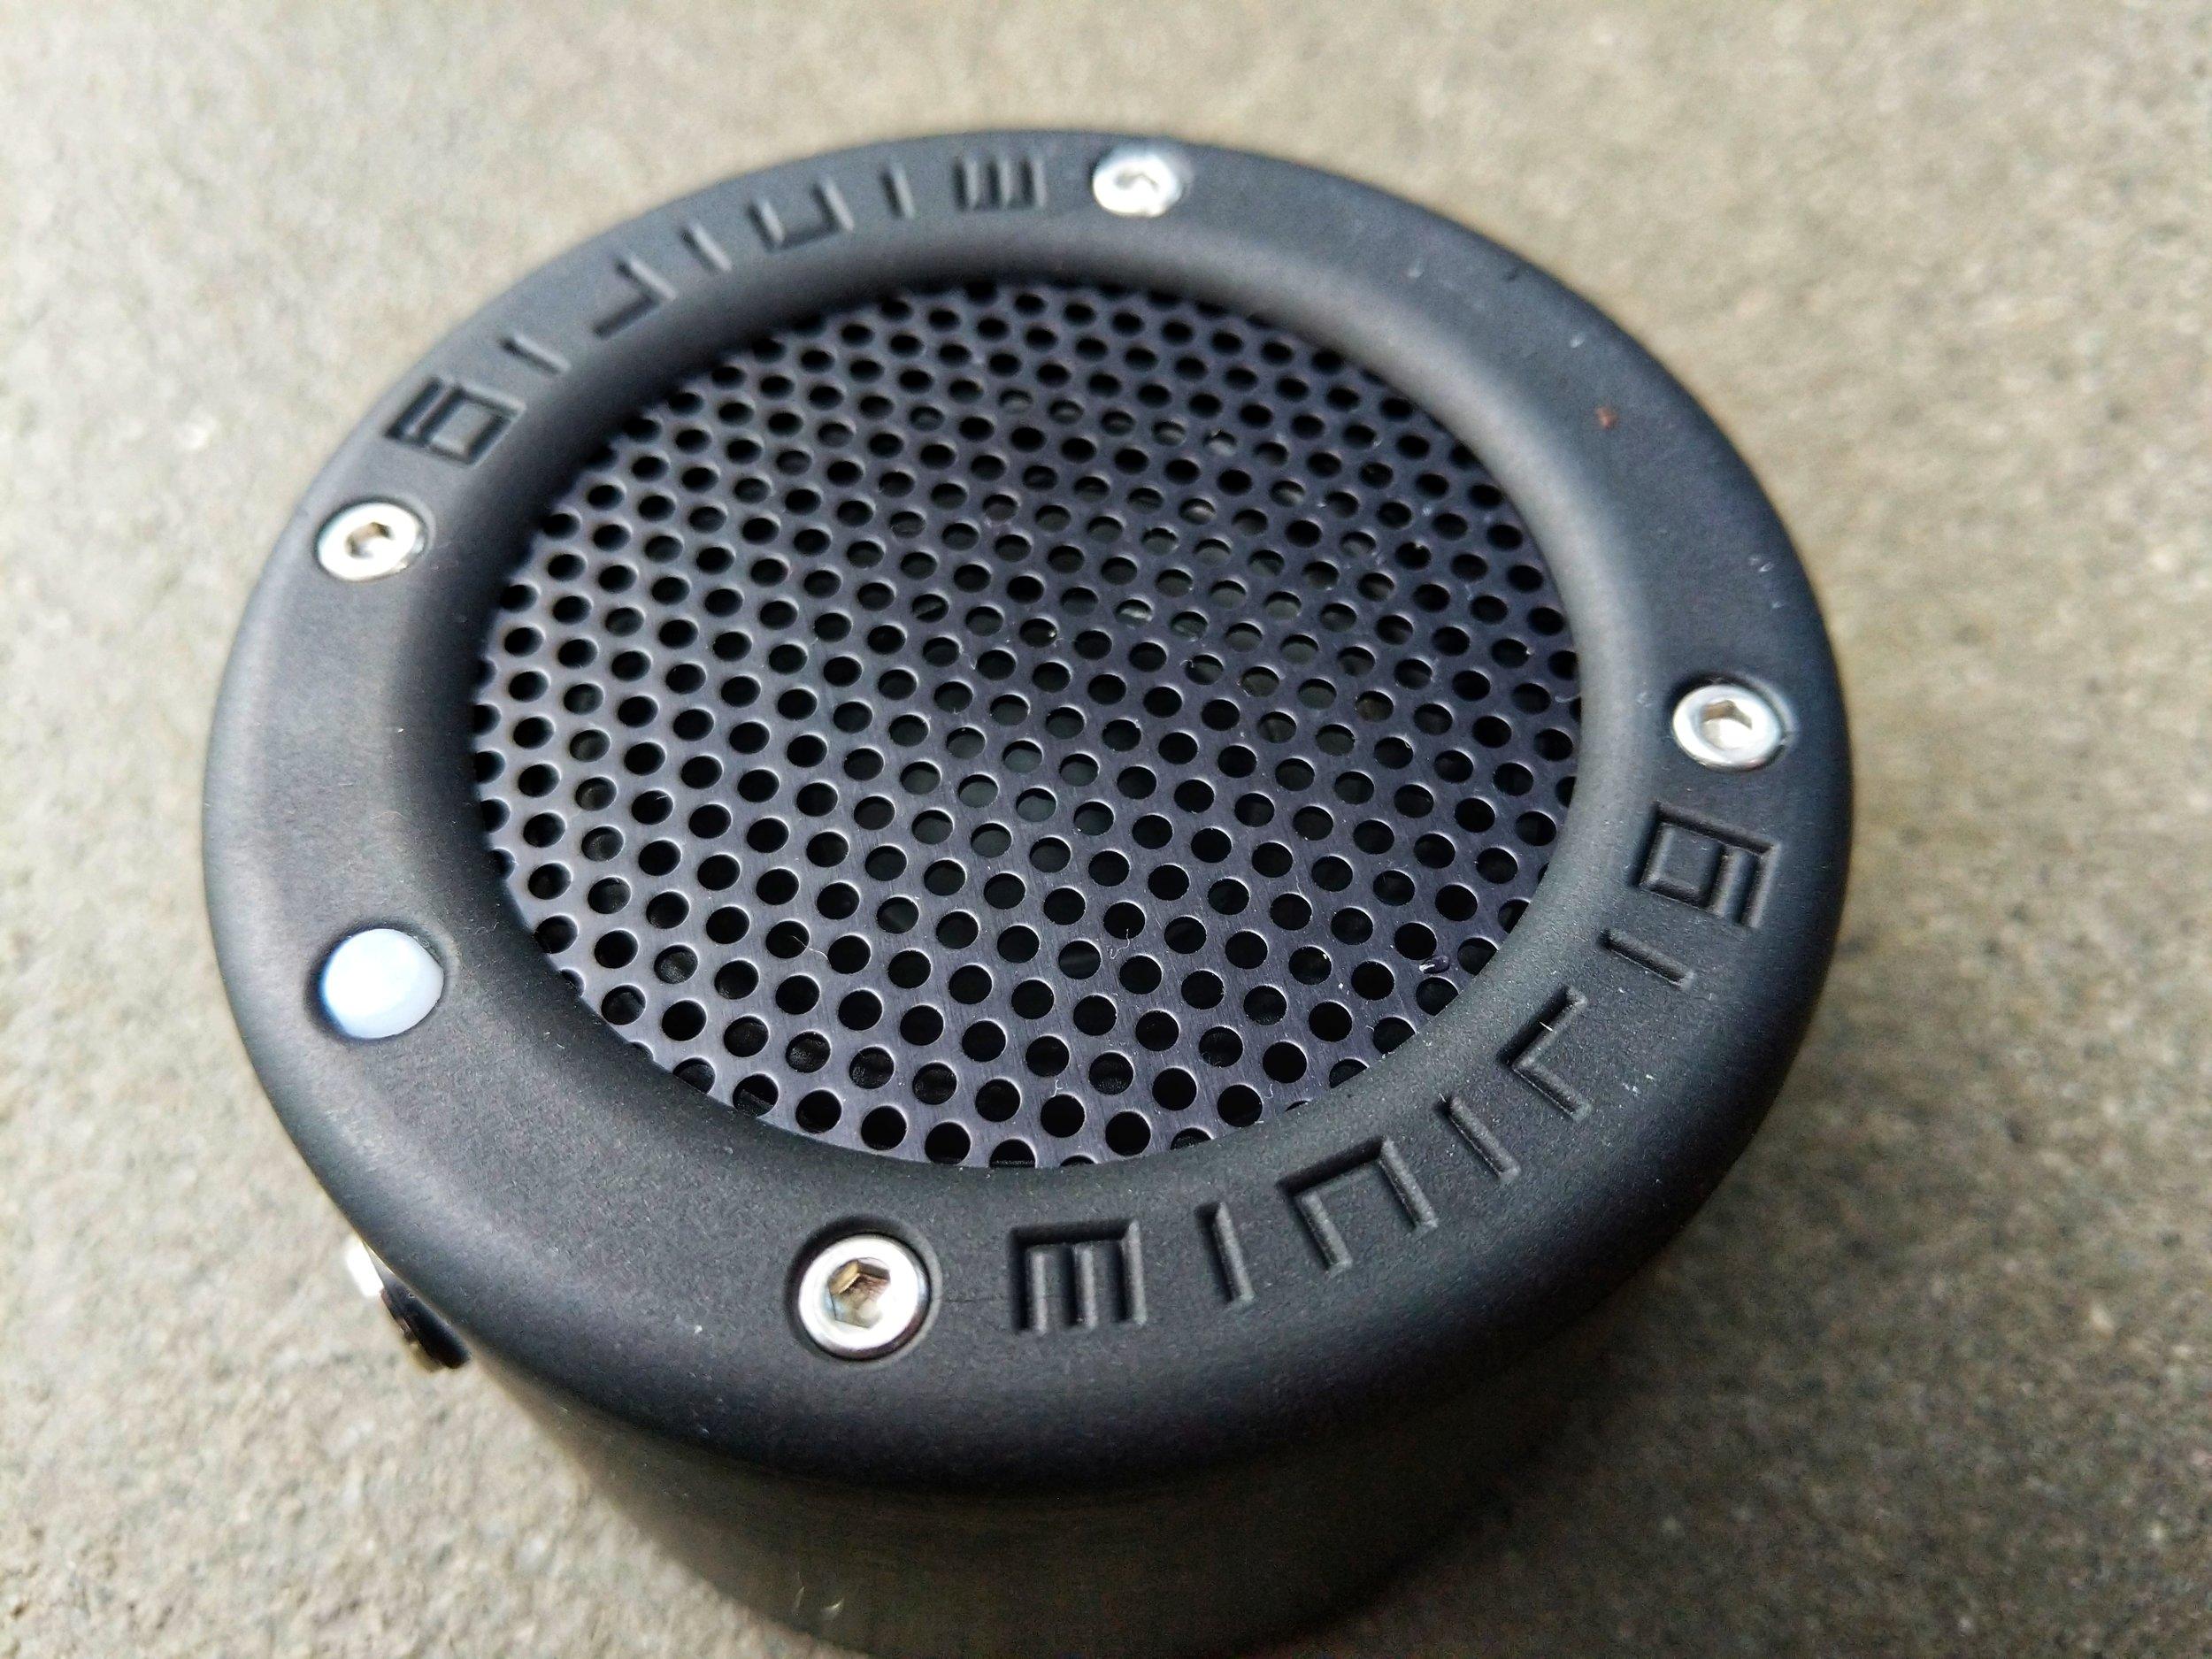 MInirig-Mini-Bluetooth-Speaker-3